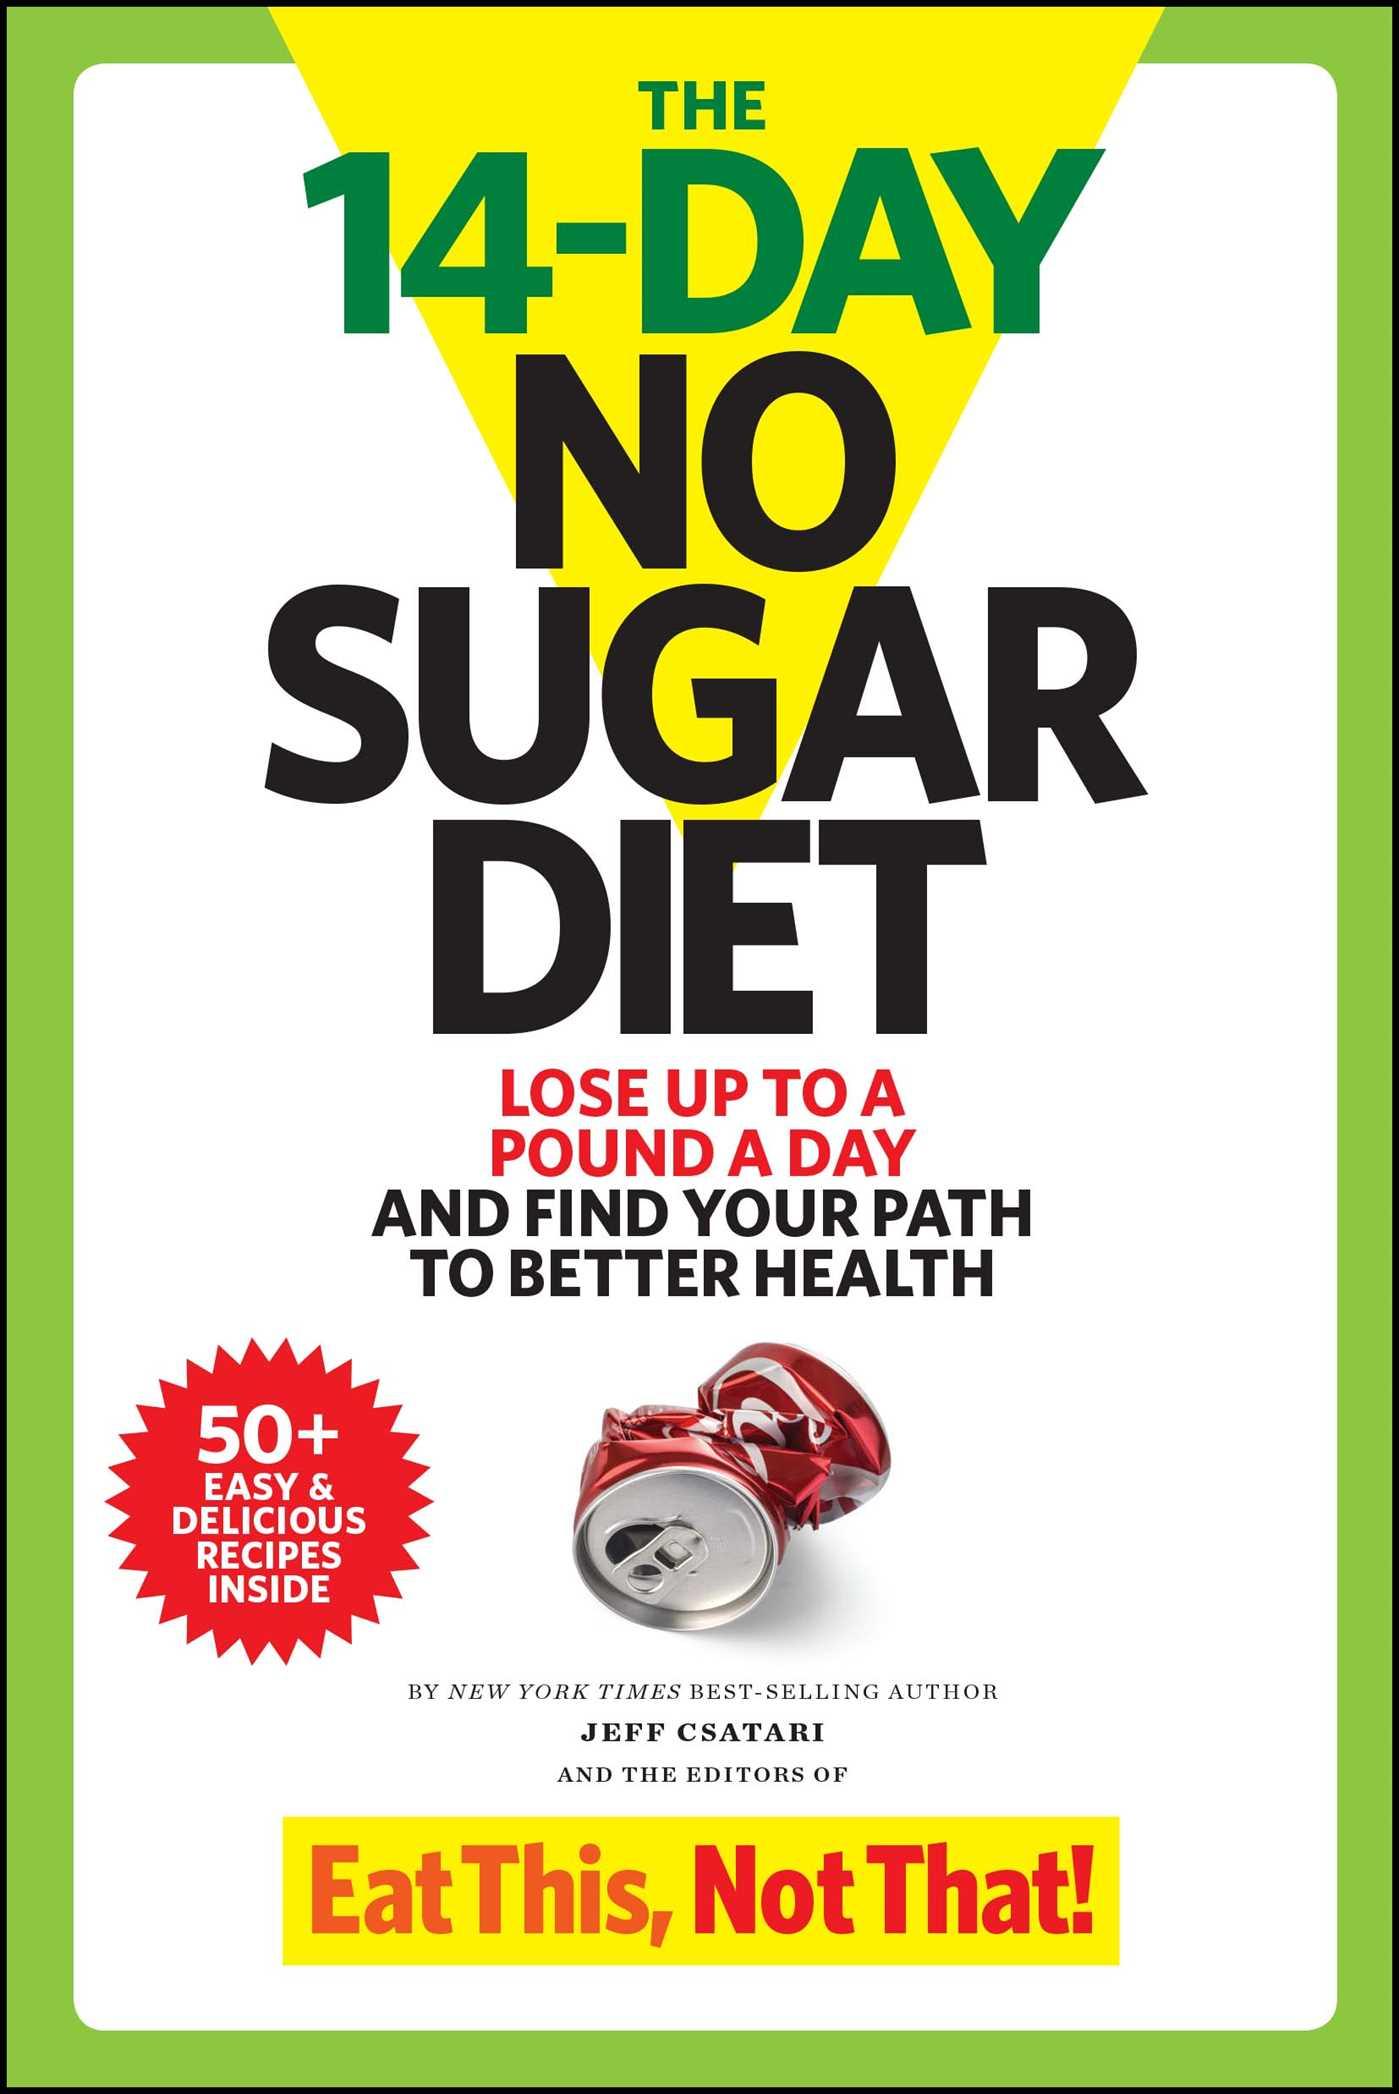 The 14 day no sugar diet 9781940358246 hr